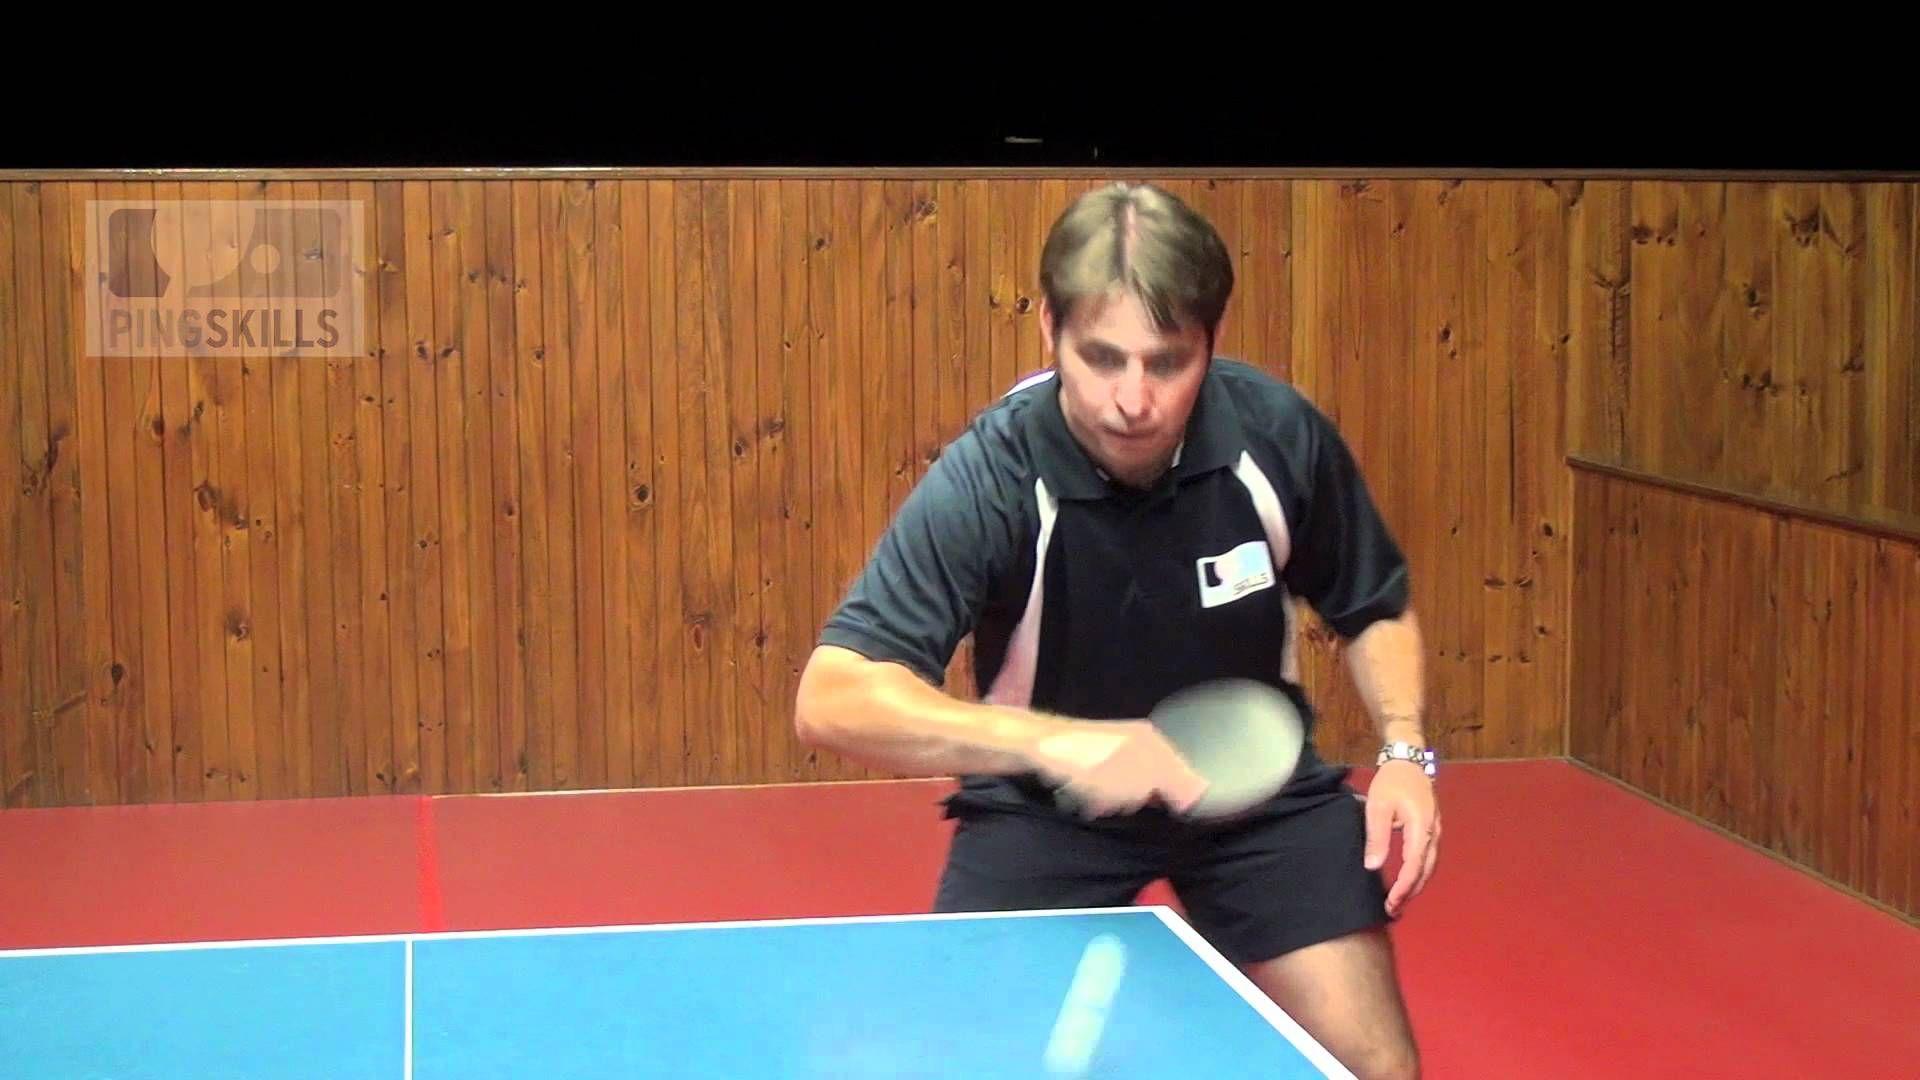 Backhand Push In Table Tennis Table Tennis Tennis Coach Tennis